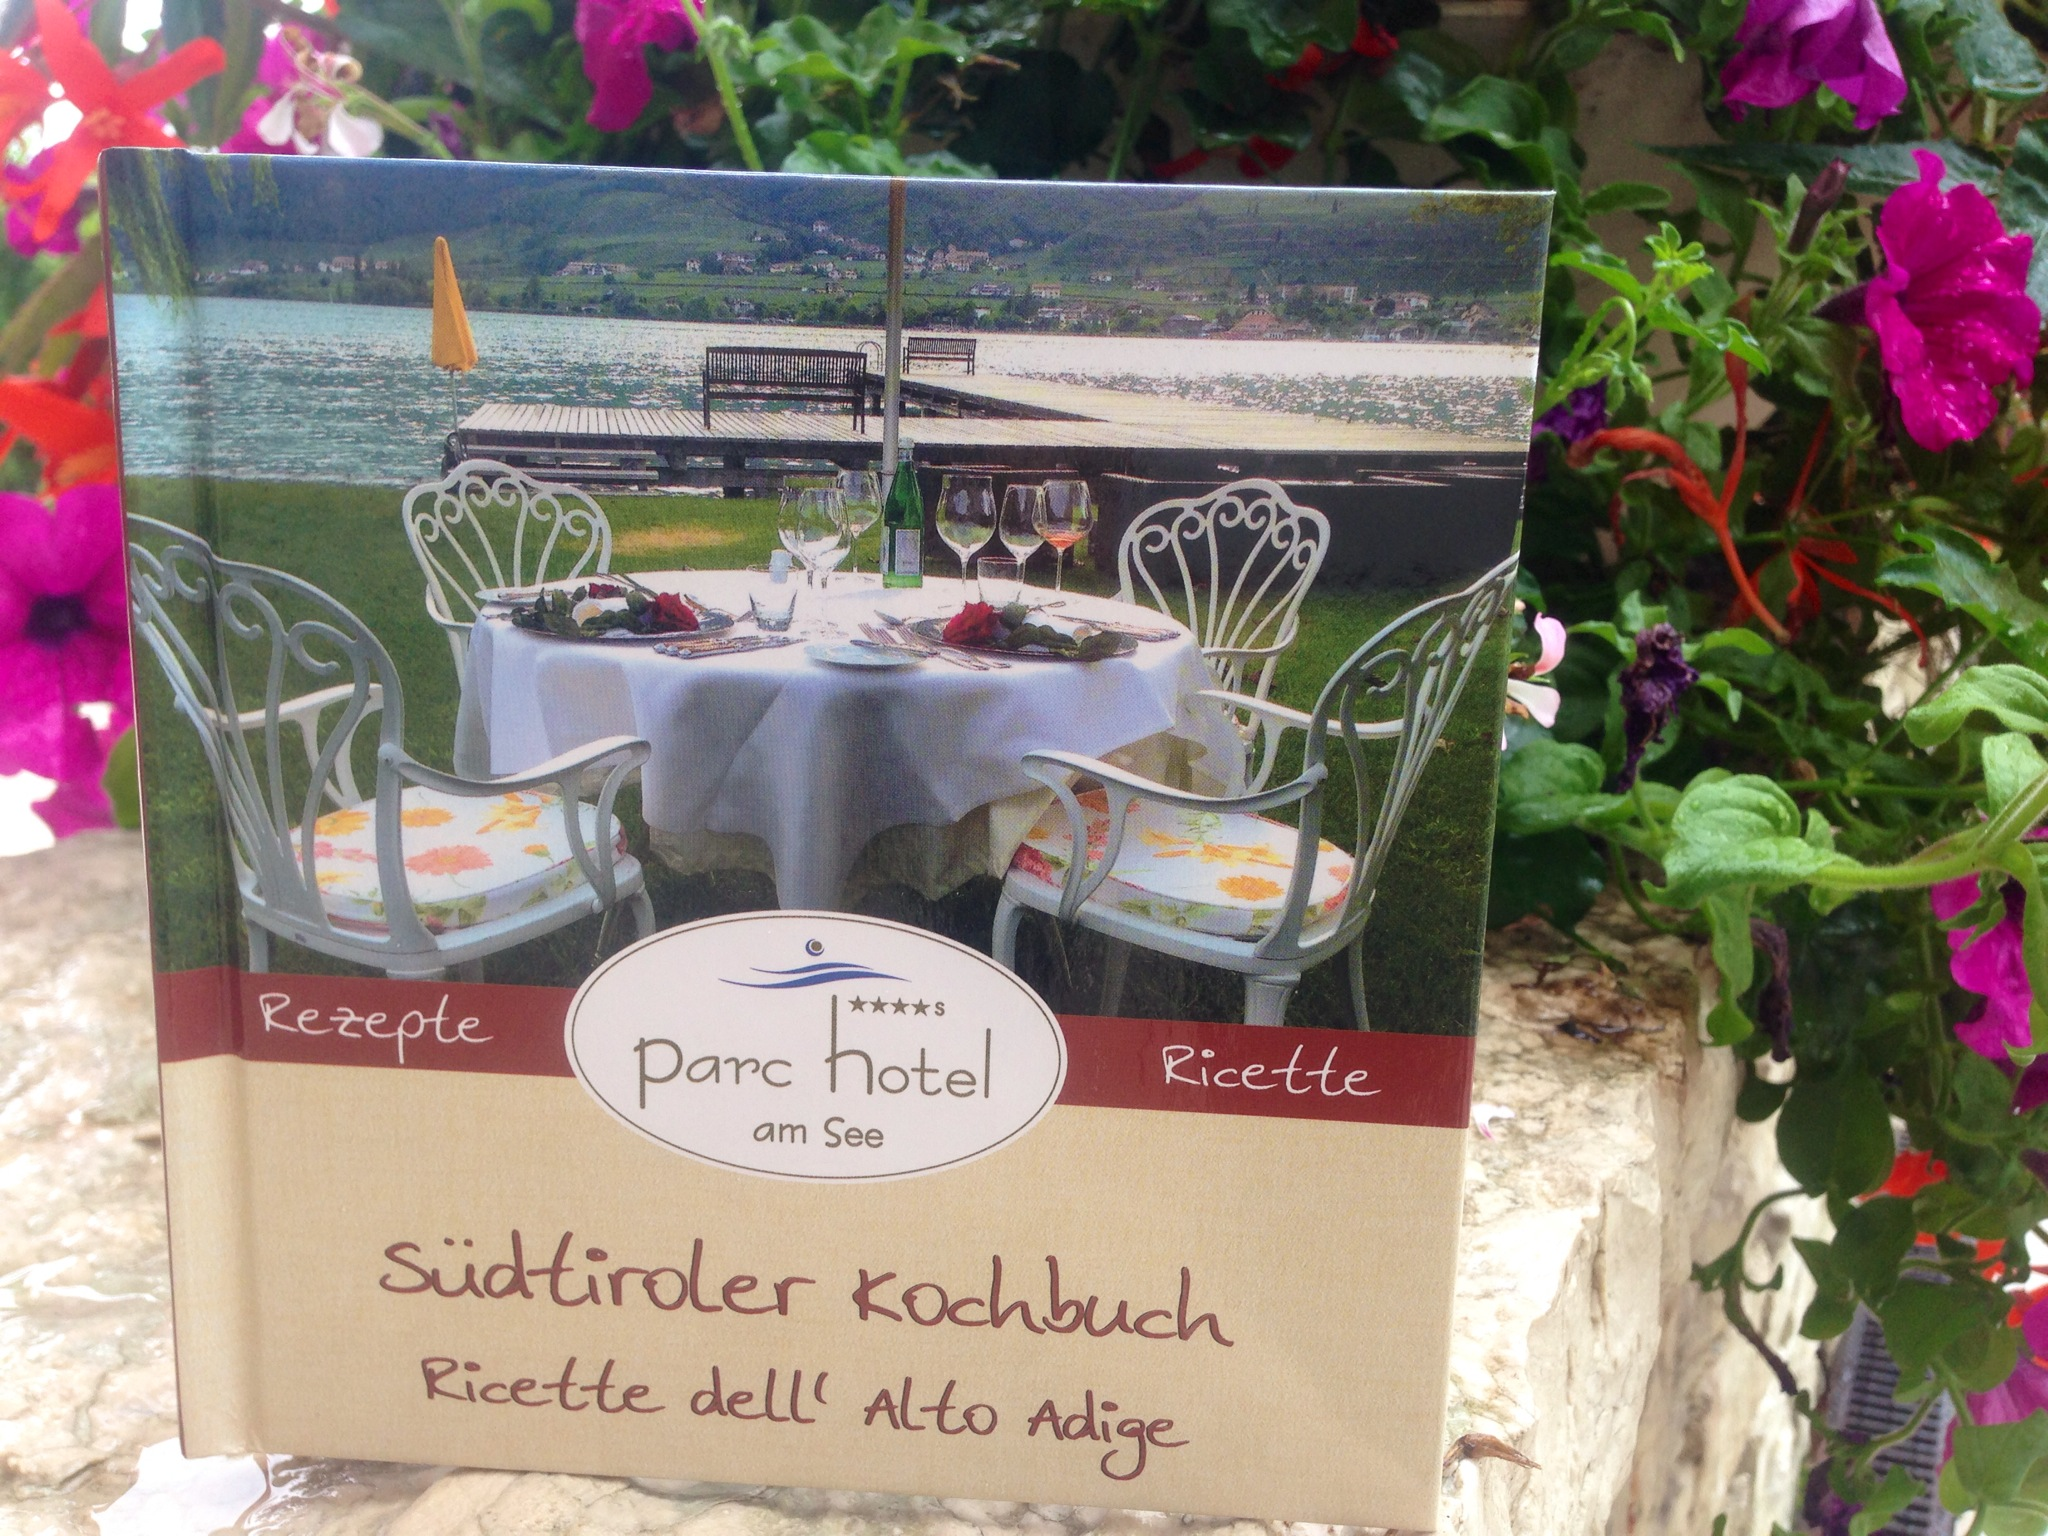 Ein Highlight ist das Parc Hotel Kochbuch